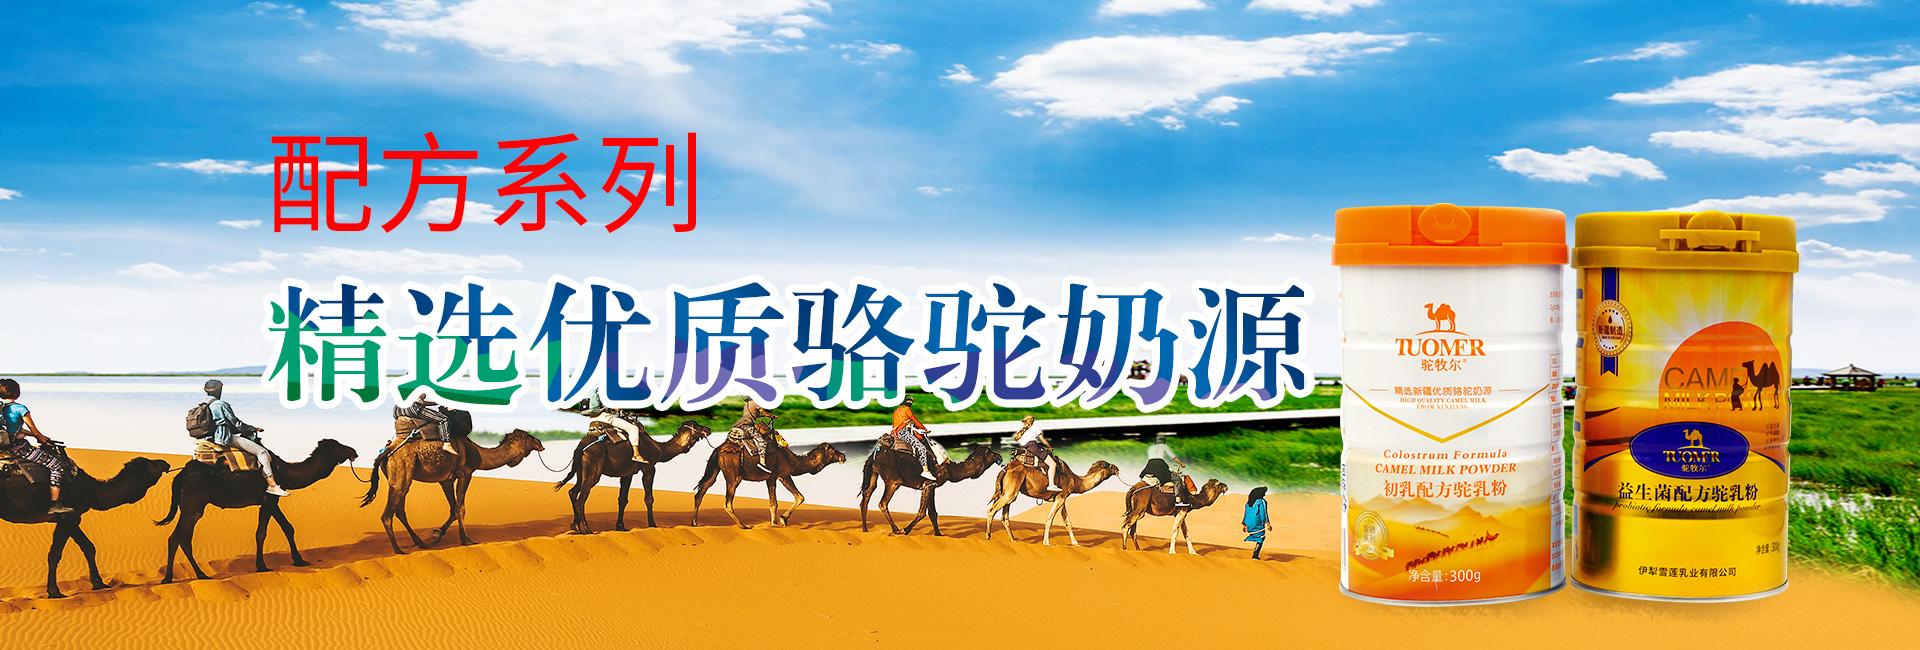 骆驼奶粉厂家